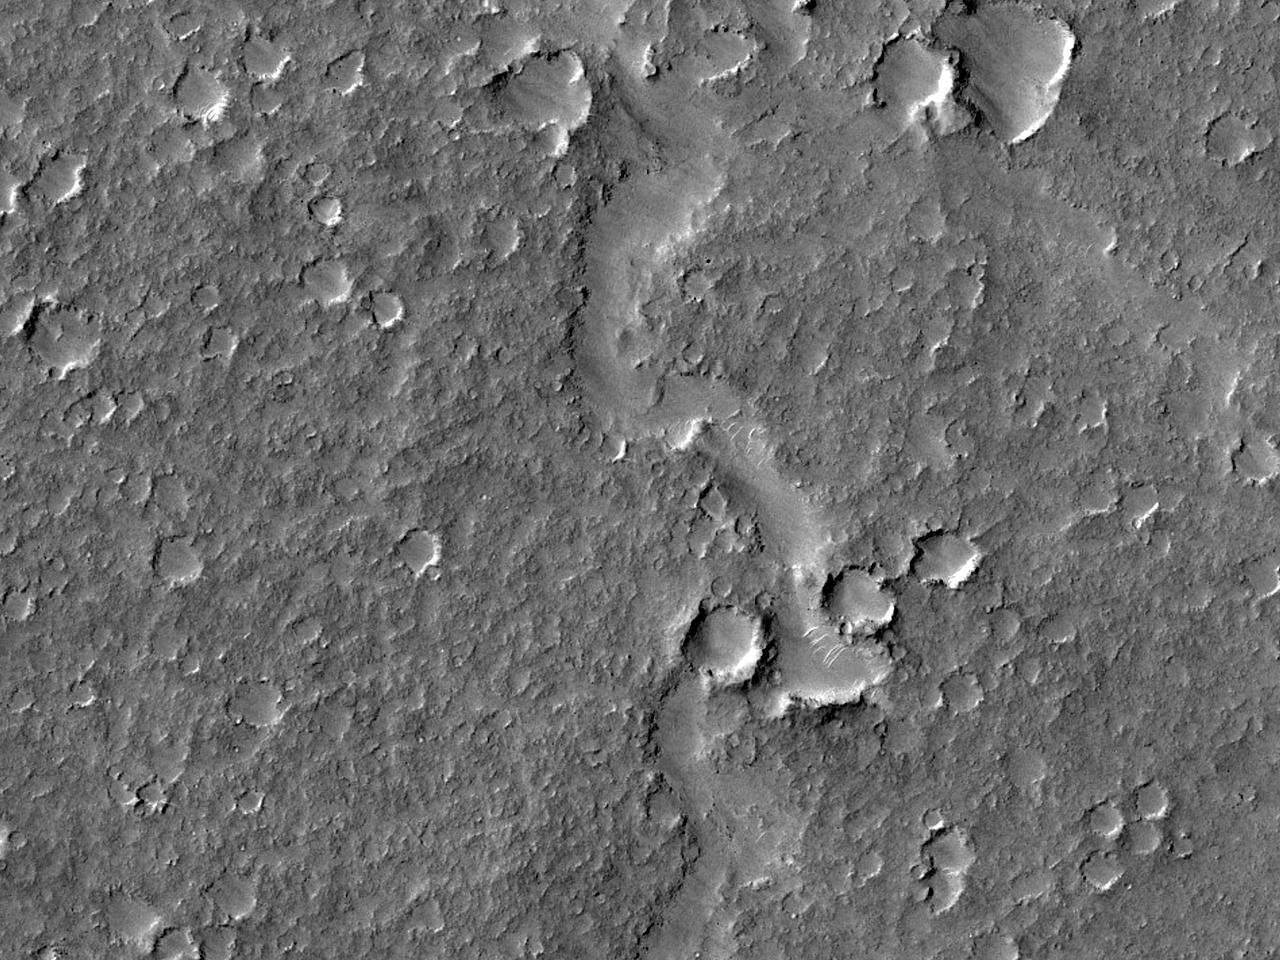 Геологический контакт на юге равнины Isidis Planitia